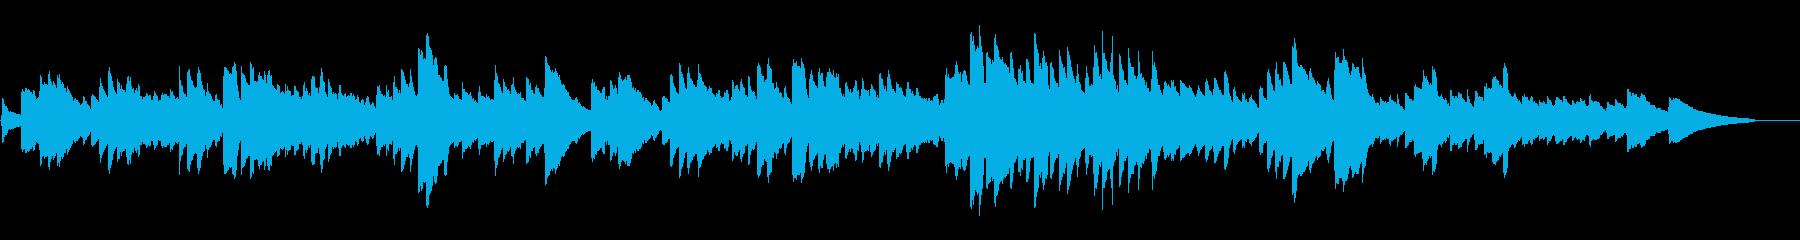 ショパン「別れの曲」オルゴール風の再生済みの波形